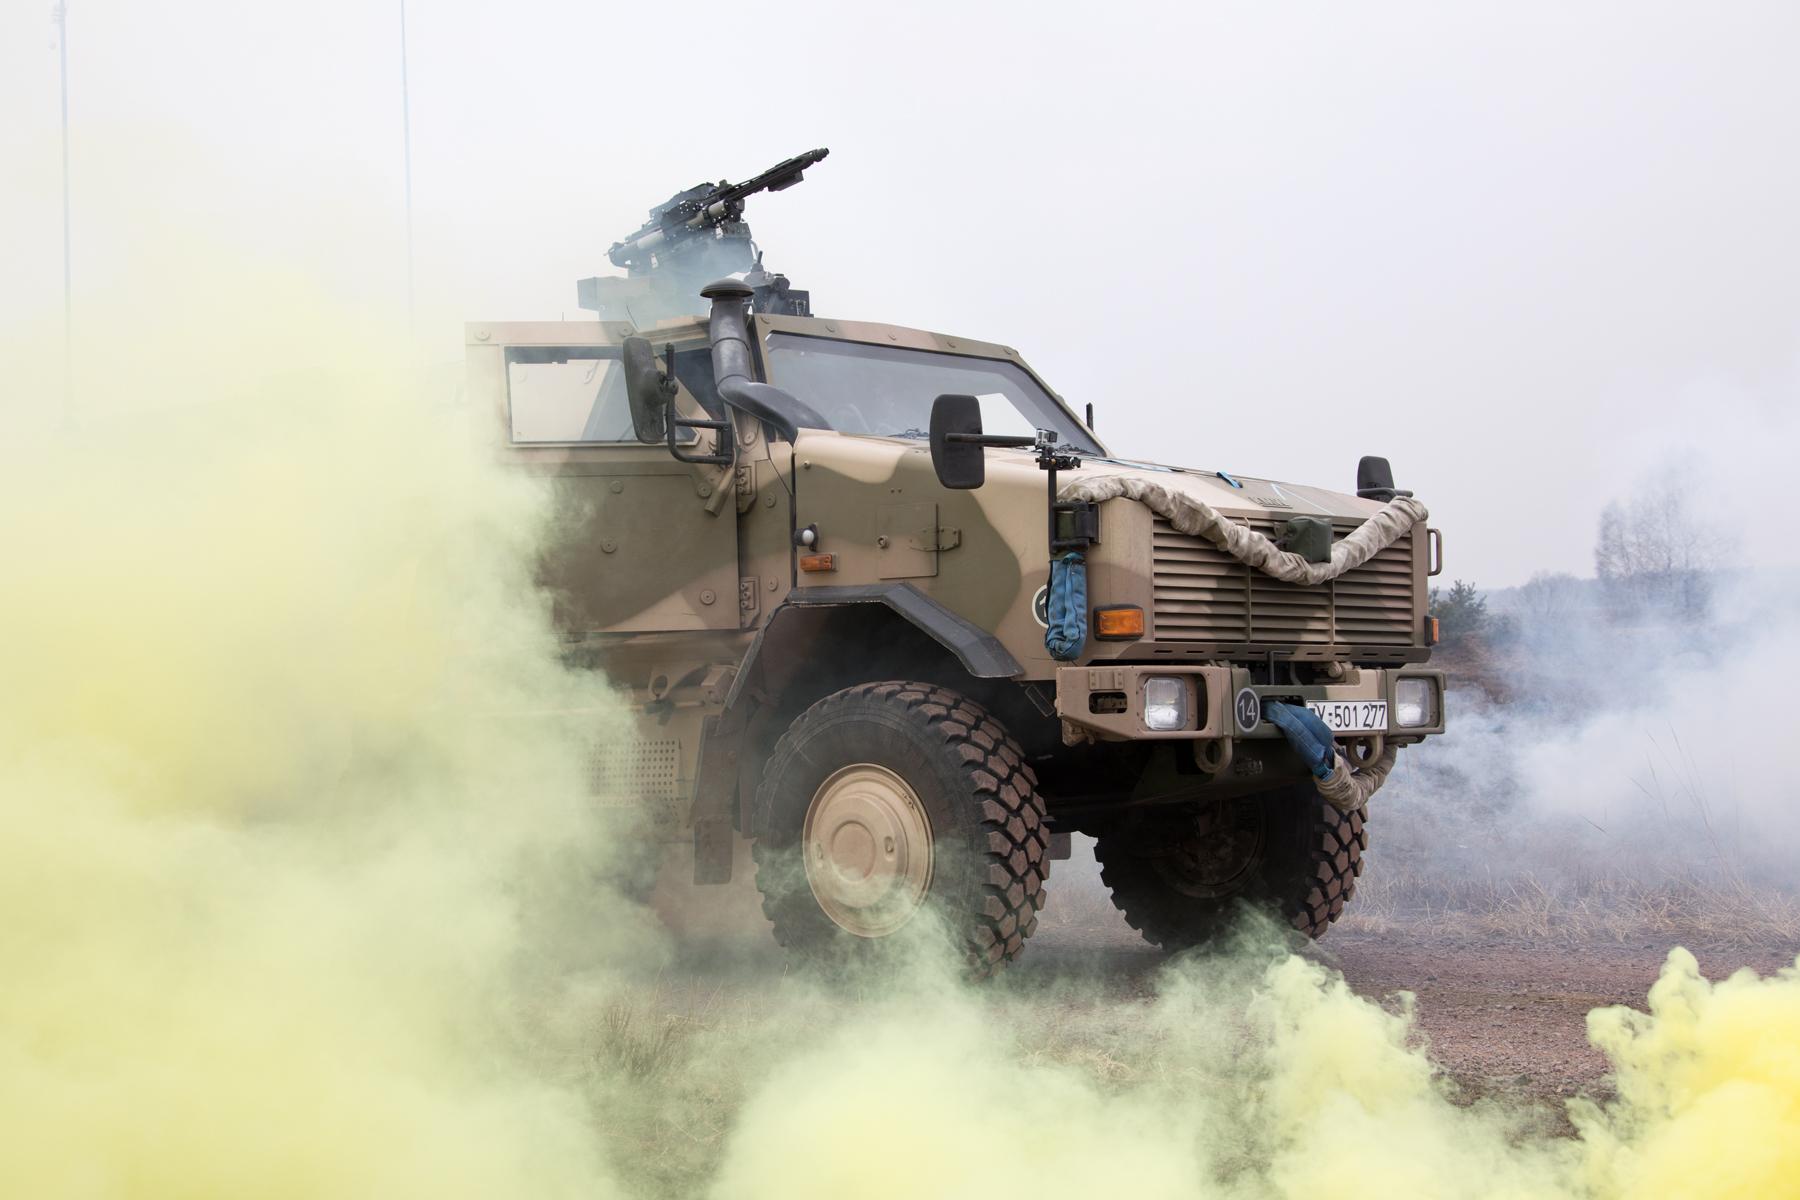 """Das geschützte Fahrzeug """"Dingo"""" nach einer simulierten Ansprengung. (Quelle: Luftwaffe/Susanne Hähnel)"""